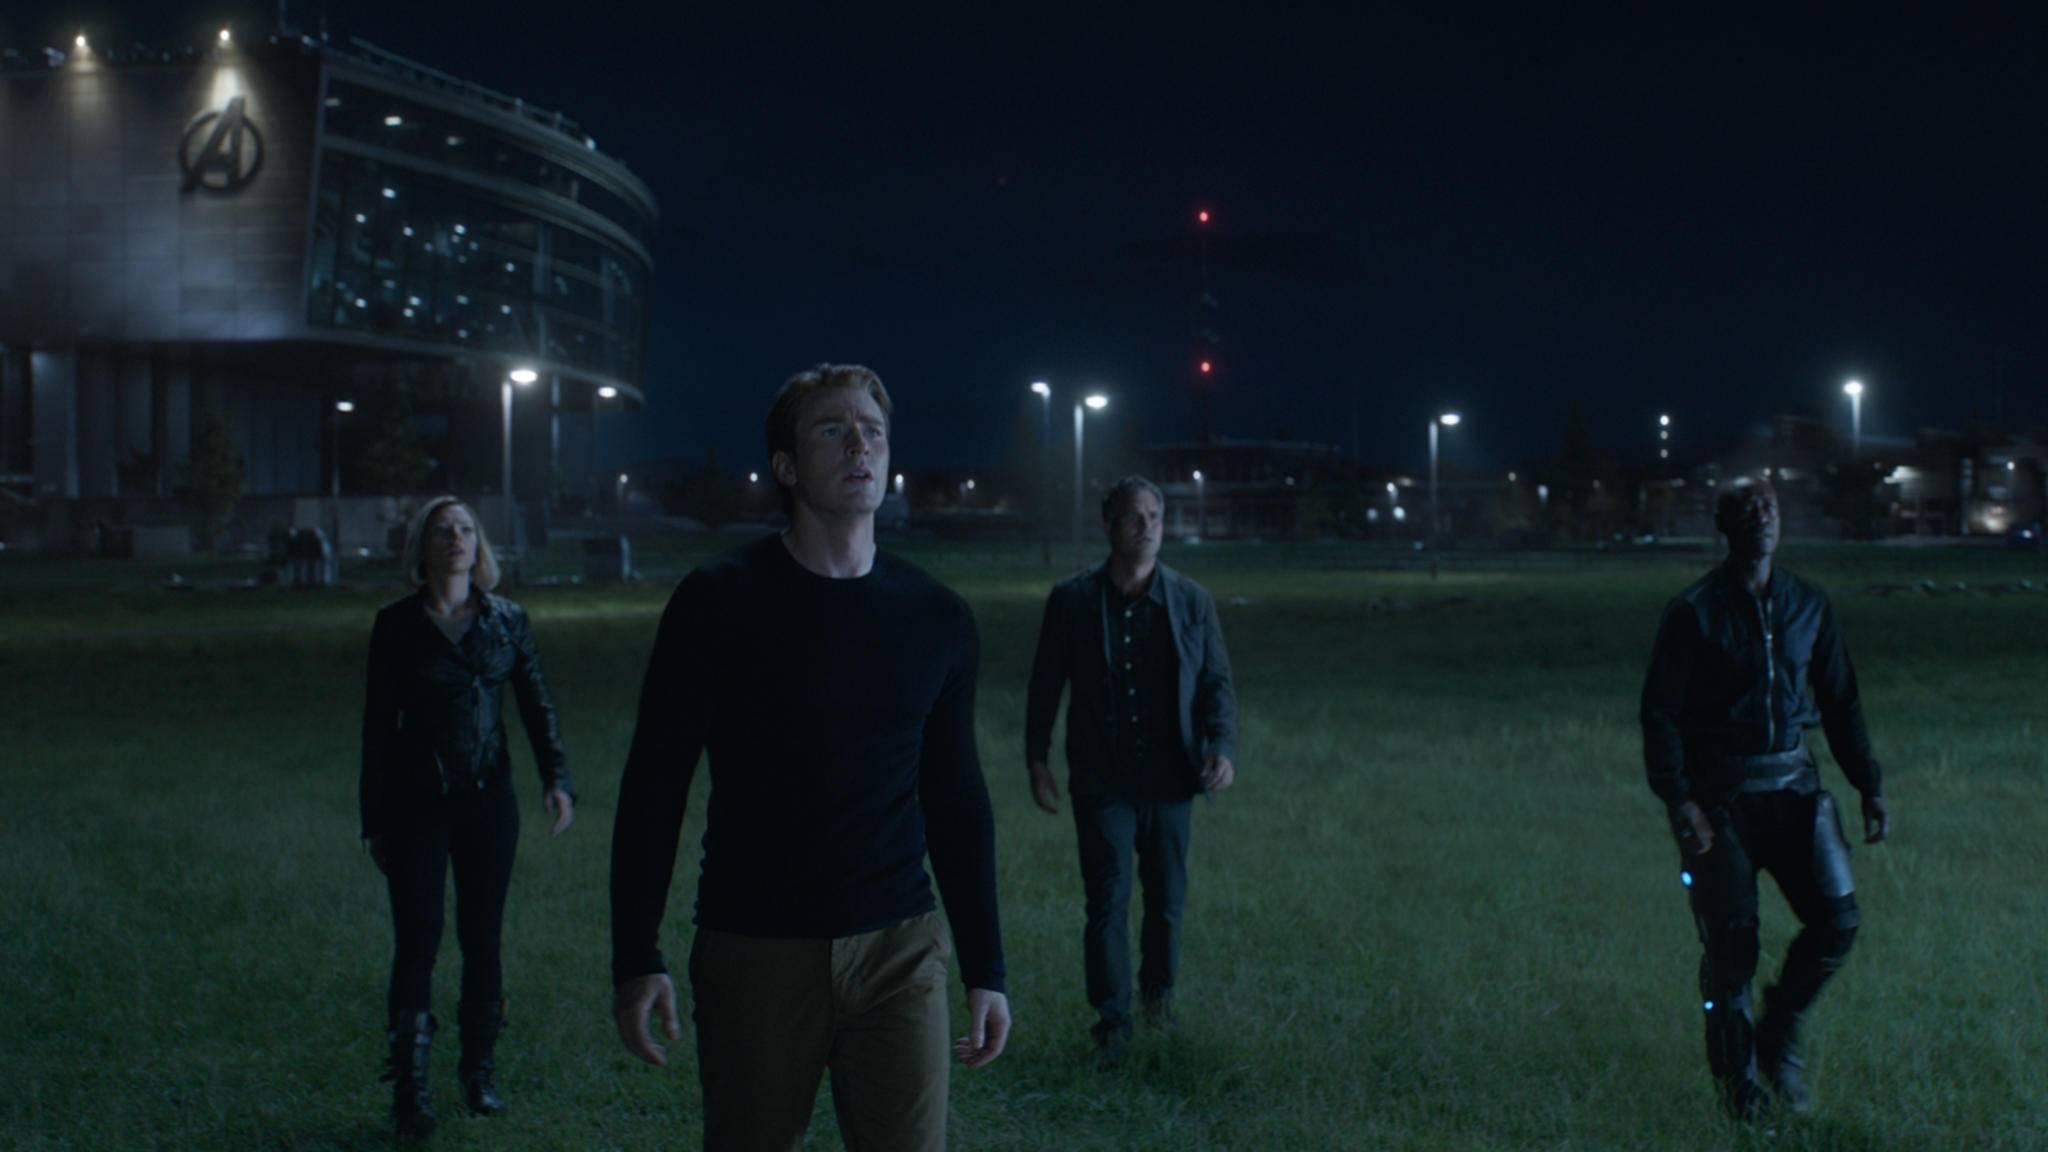 Blicken die Avengers einem neuen Kino-Rekord entgegen?